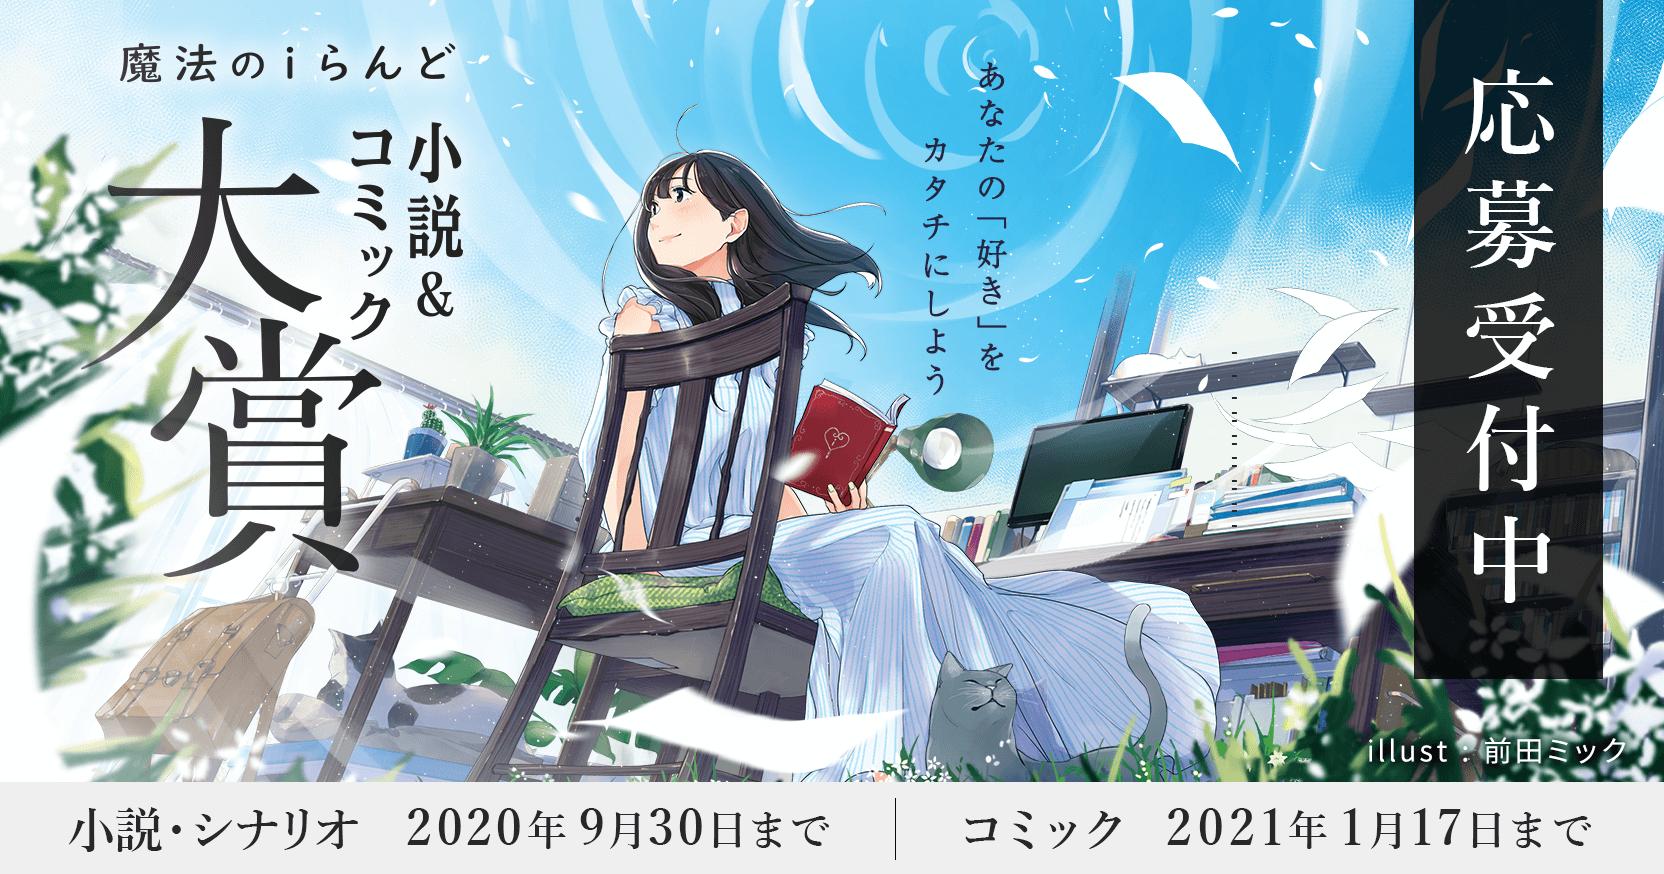 魔法のiらんど小説&コミック大賞